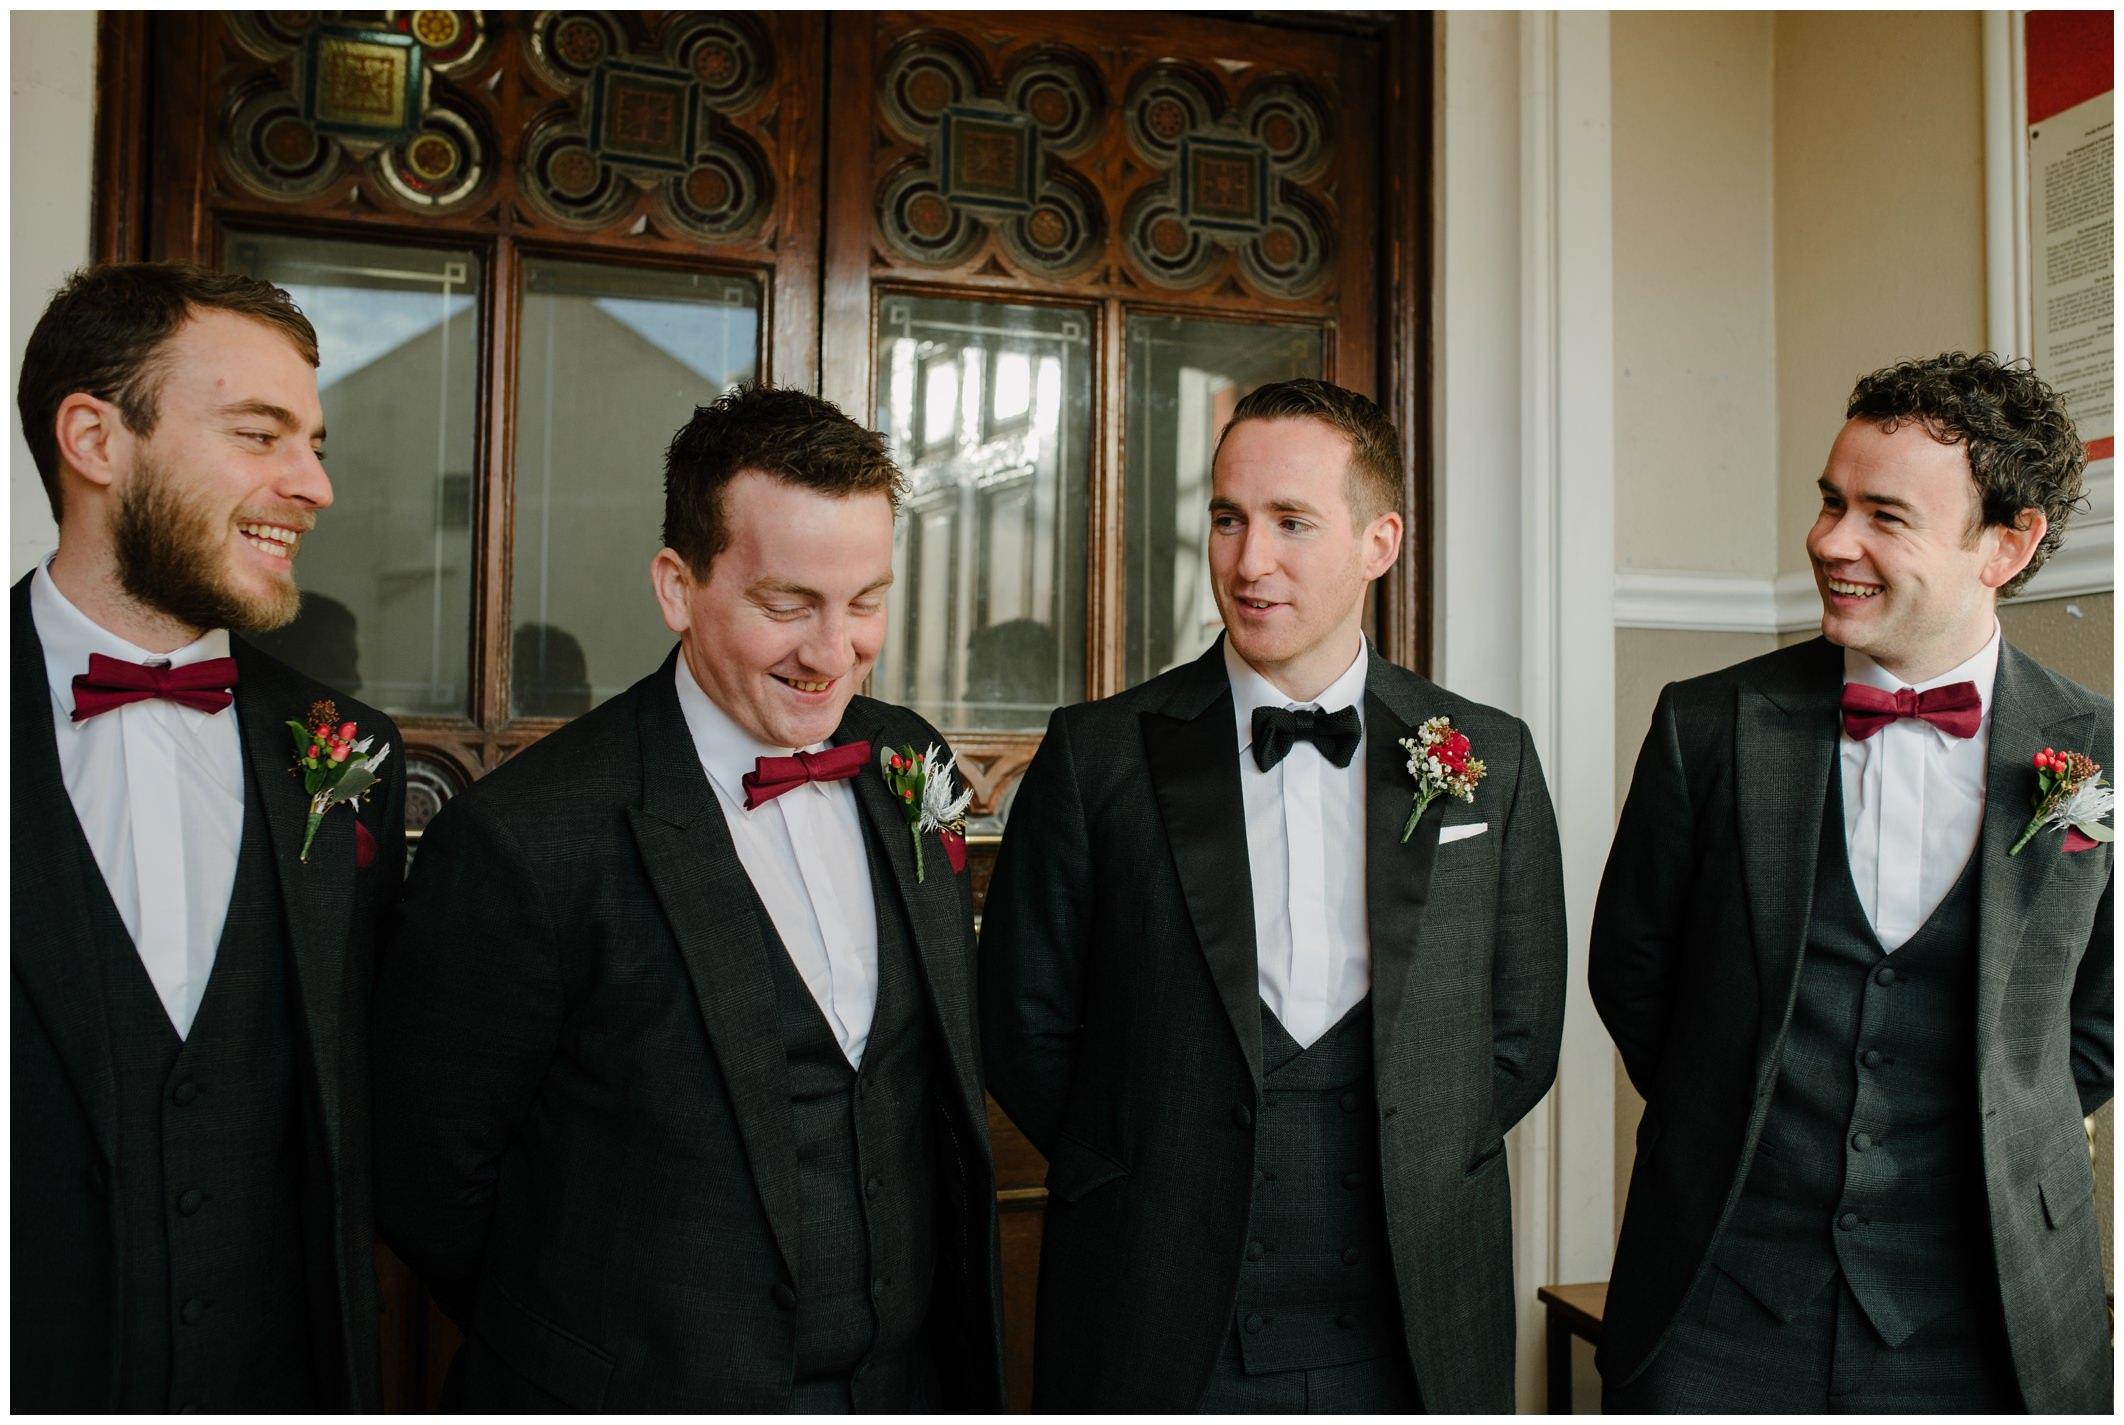 silver_tassie_wedding_jude_browne_photography_0014.jpg